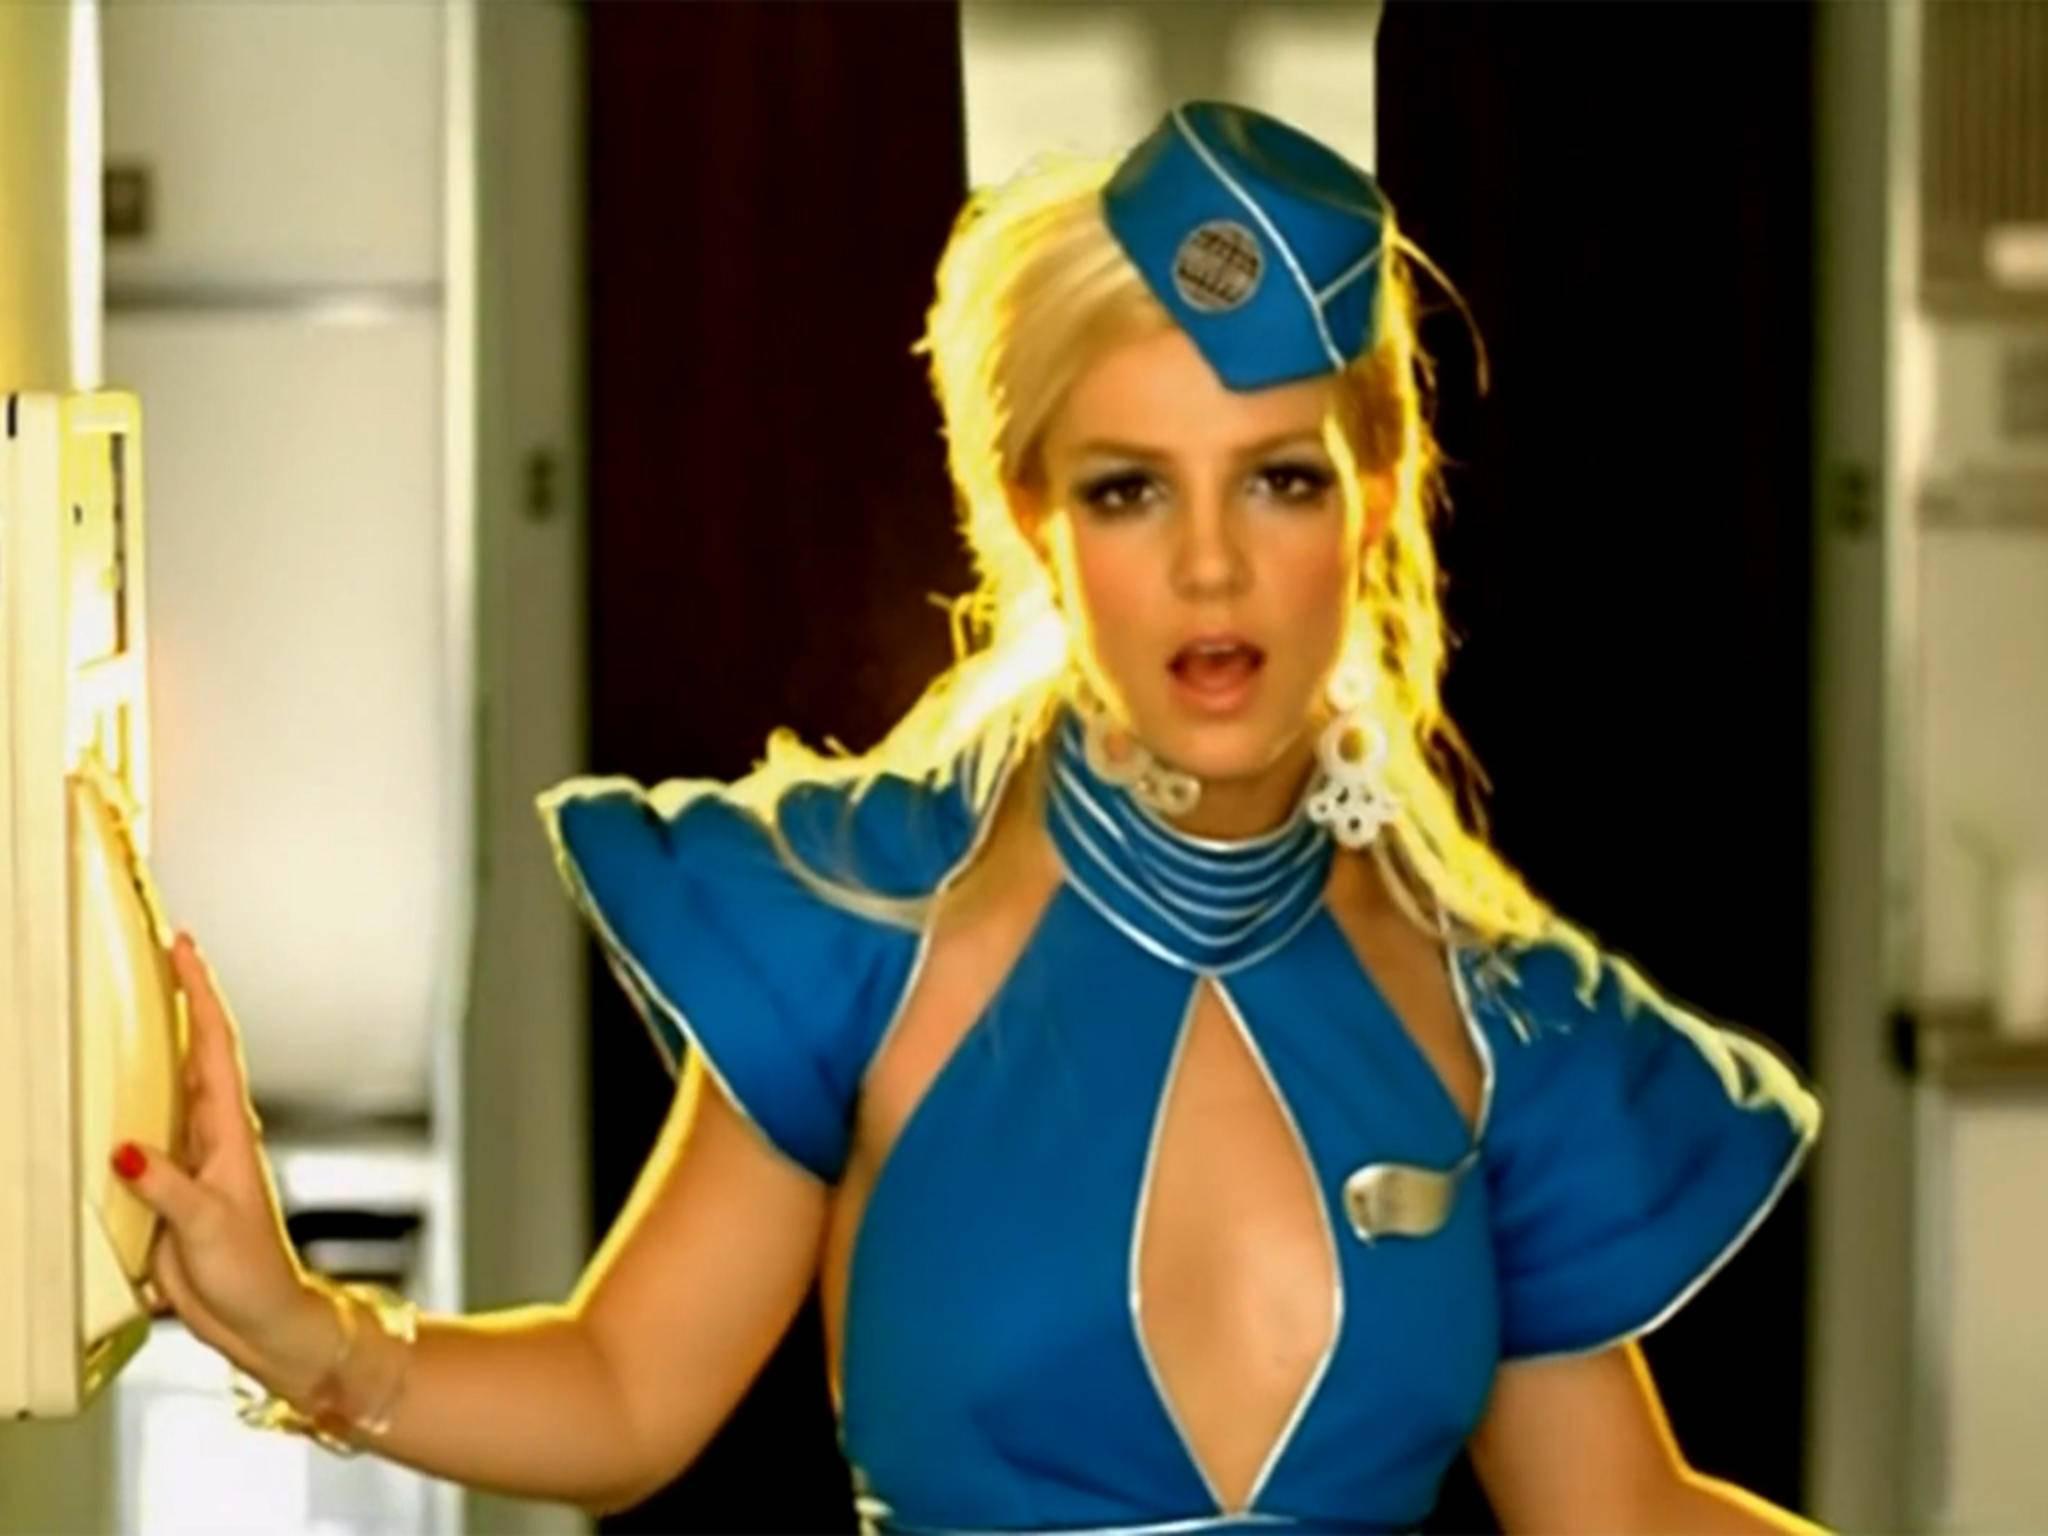 """Auch """"Toxic"""" von Britney Spears kam in den Genuss einer Bearbeitung, die dem Song völlig neue Seiten abgewann."""